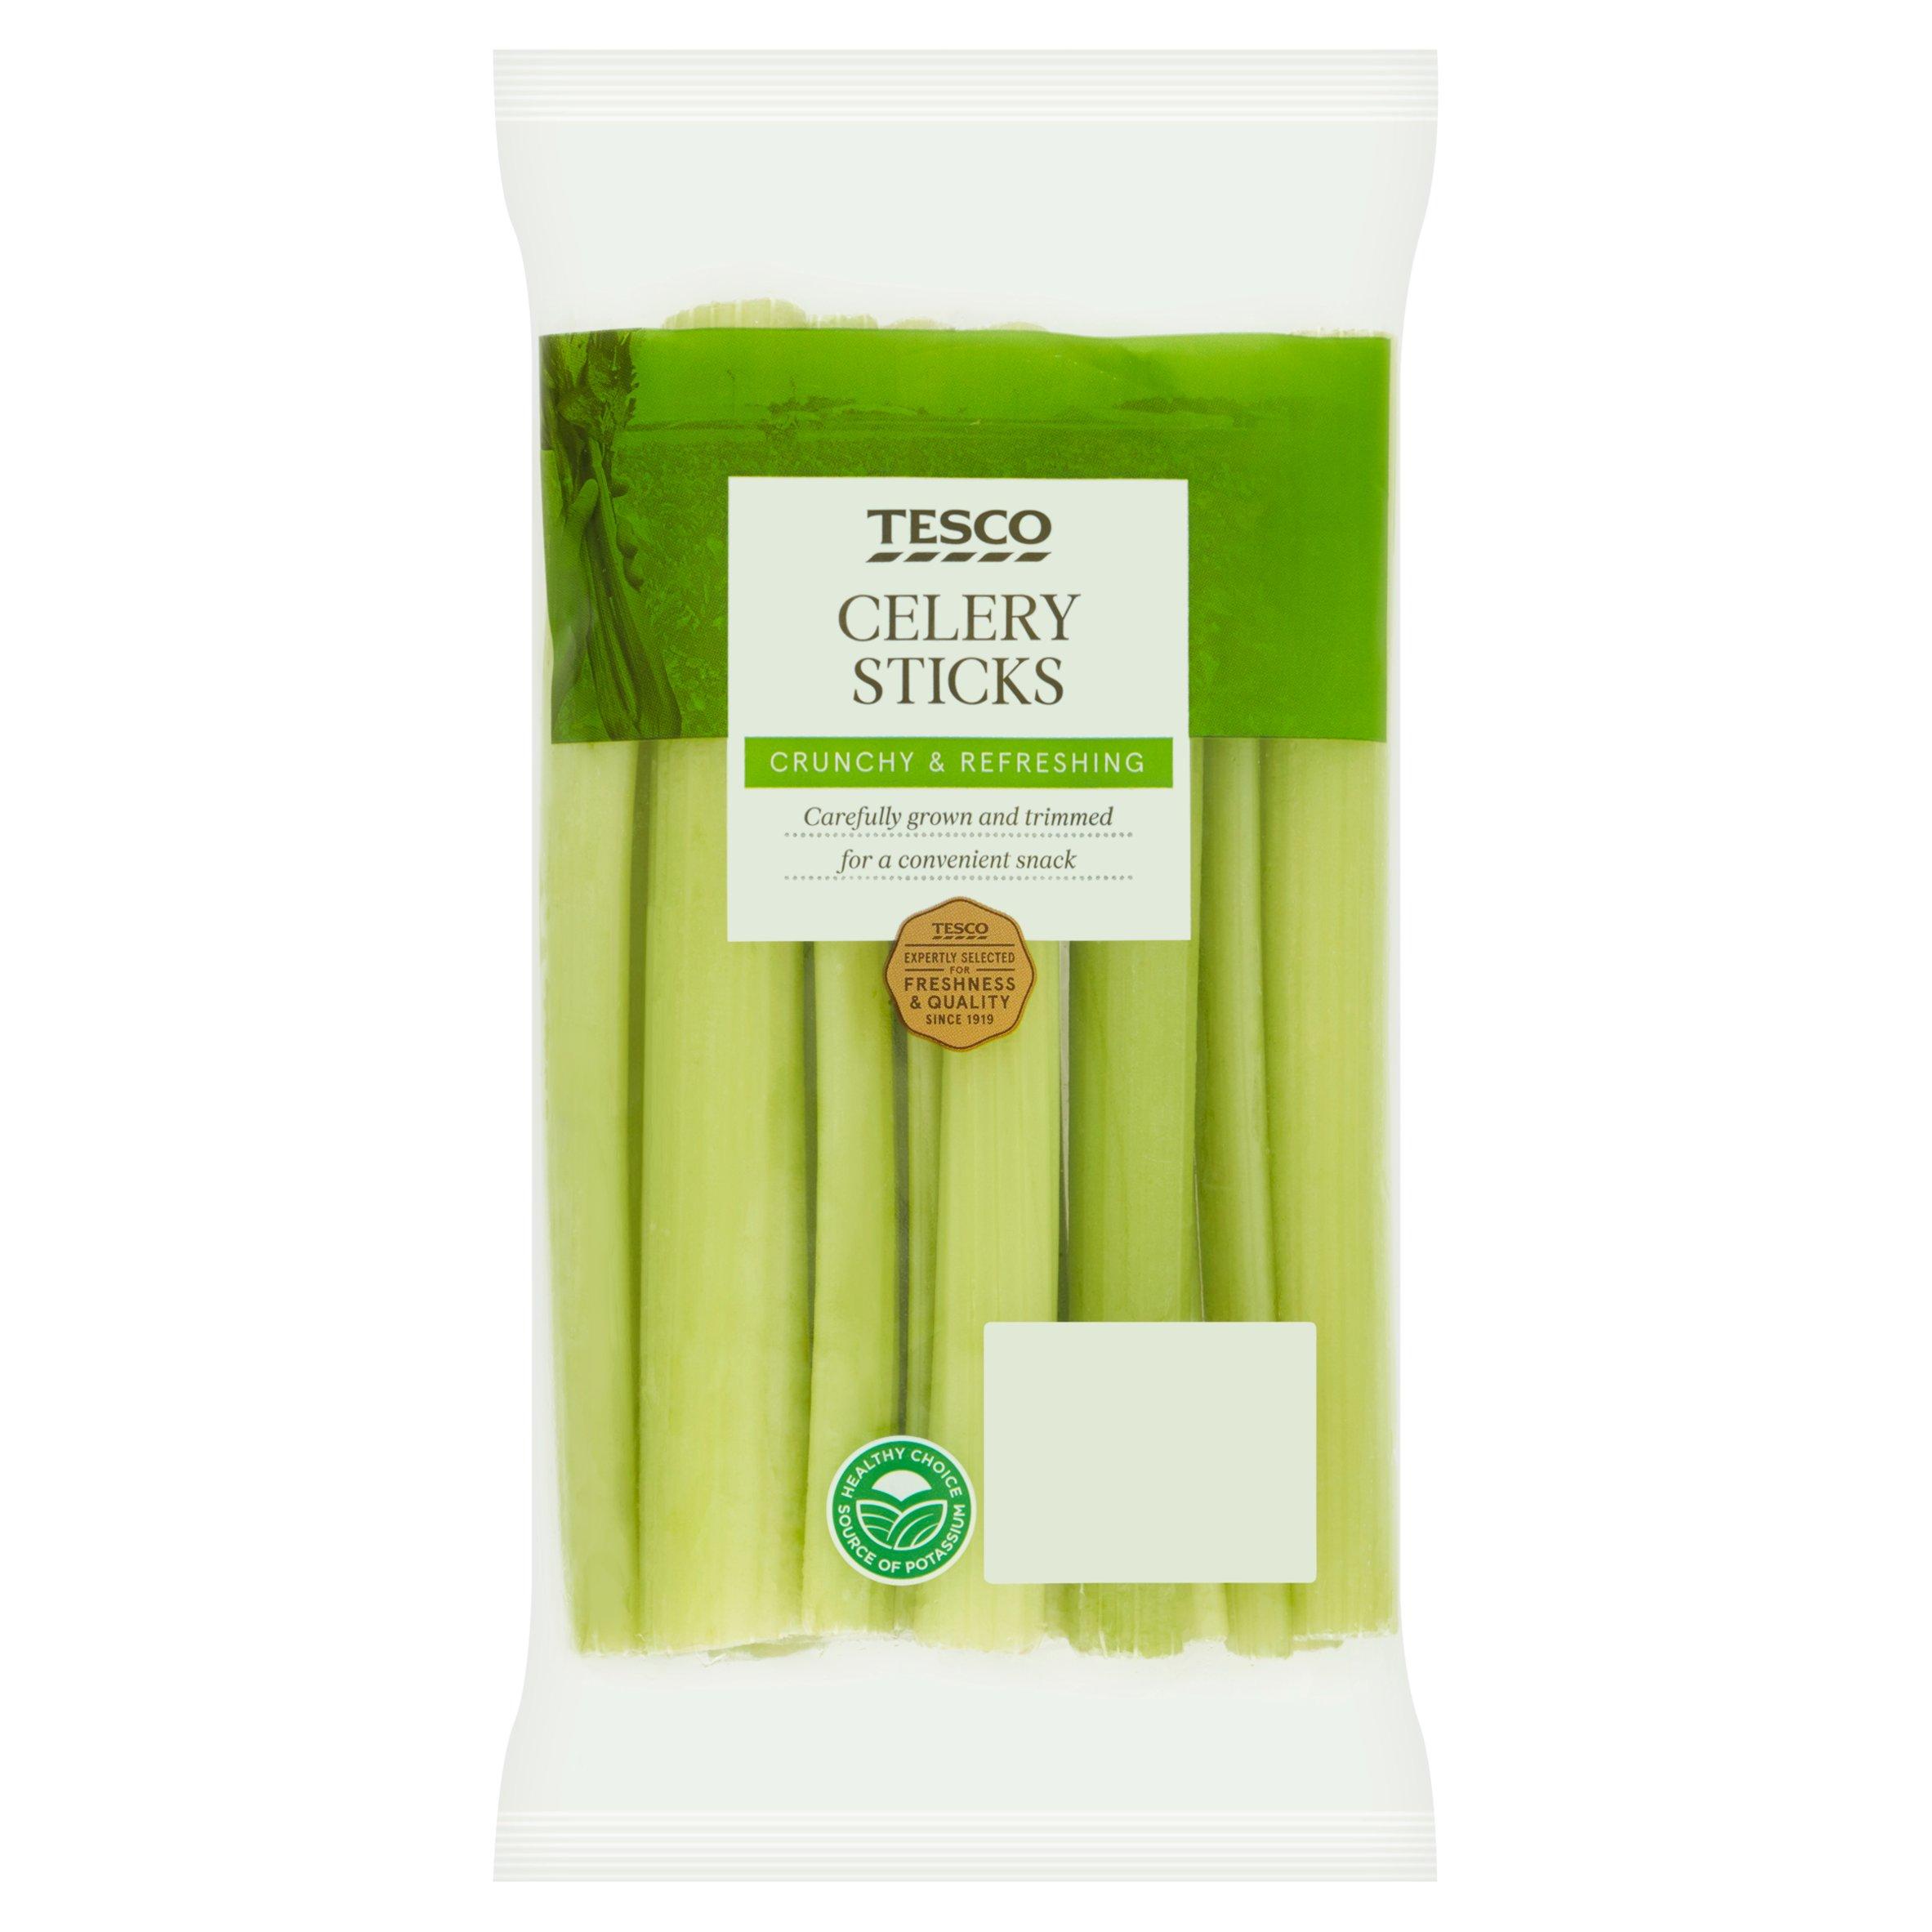 Tesco Celery Sticks 250G